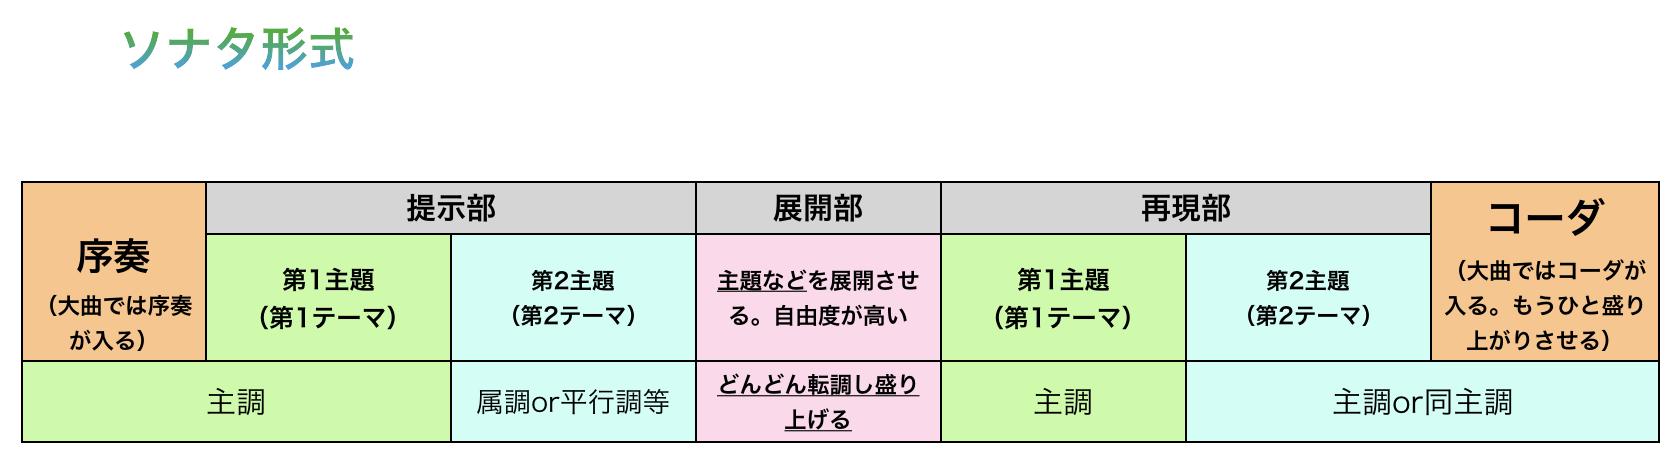 ソナタ形式のイメージ図